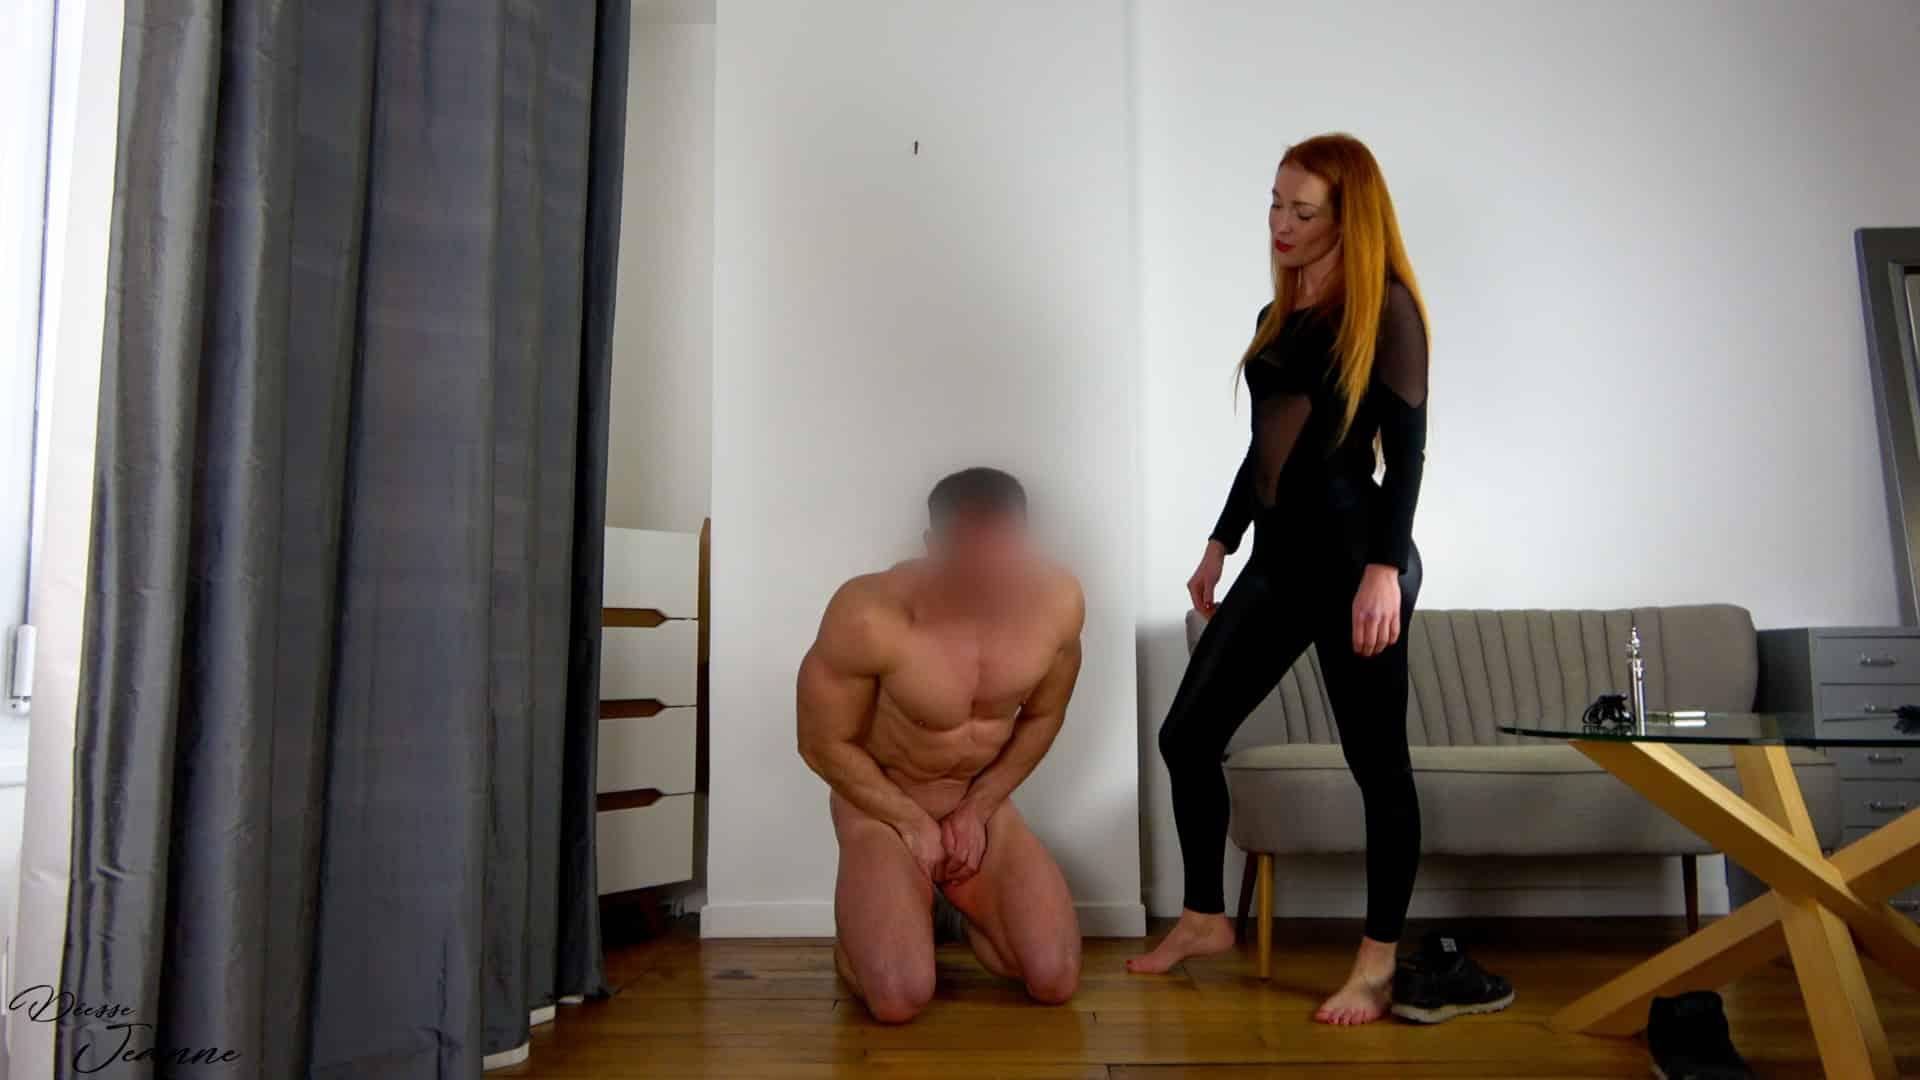 vidéo ballbusting de soumission du mâle alpha